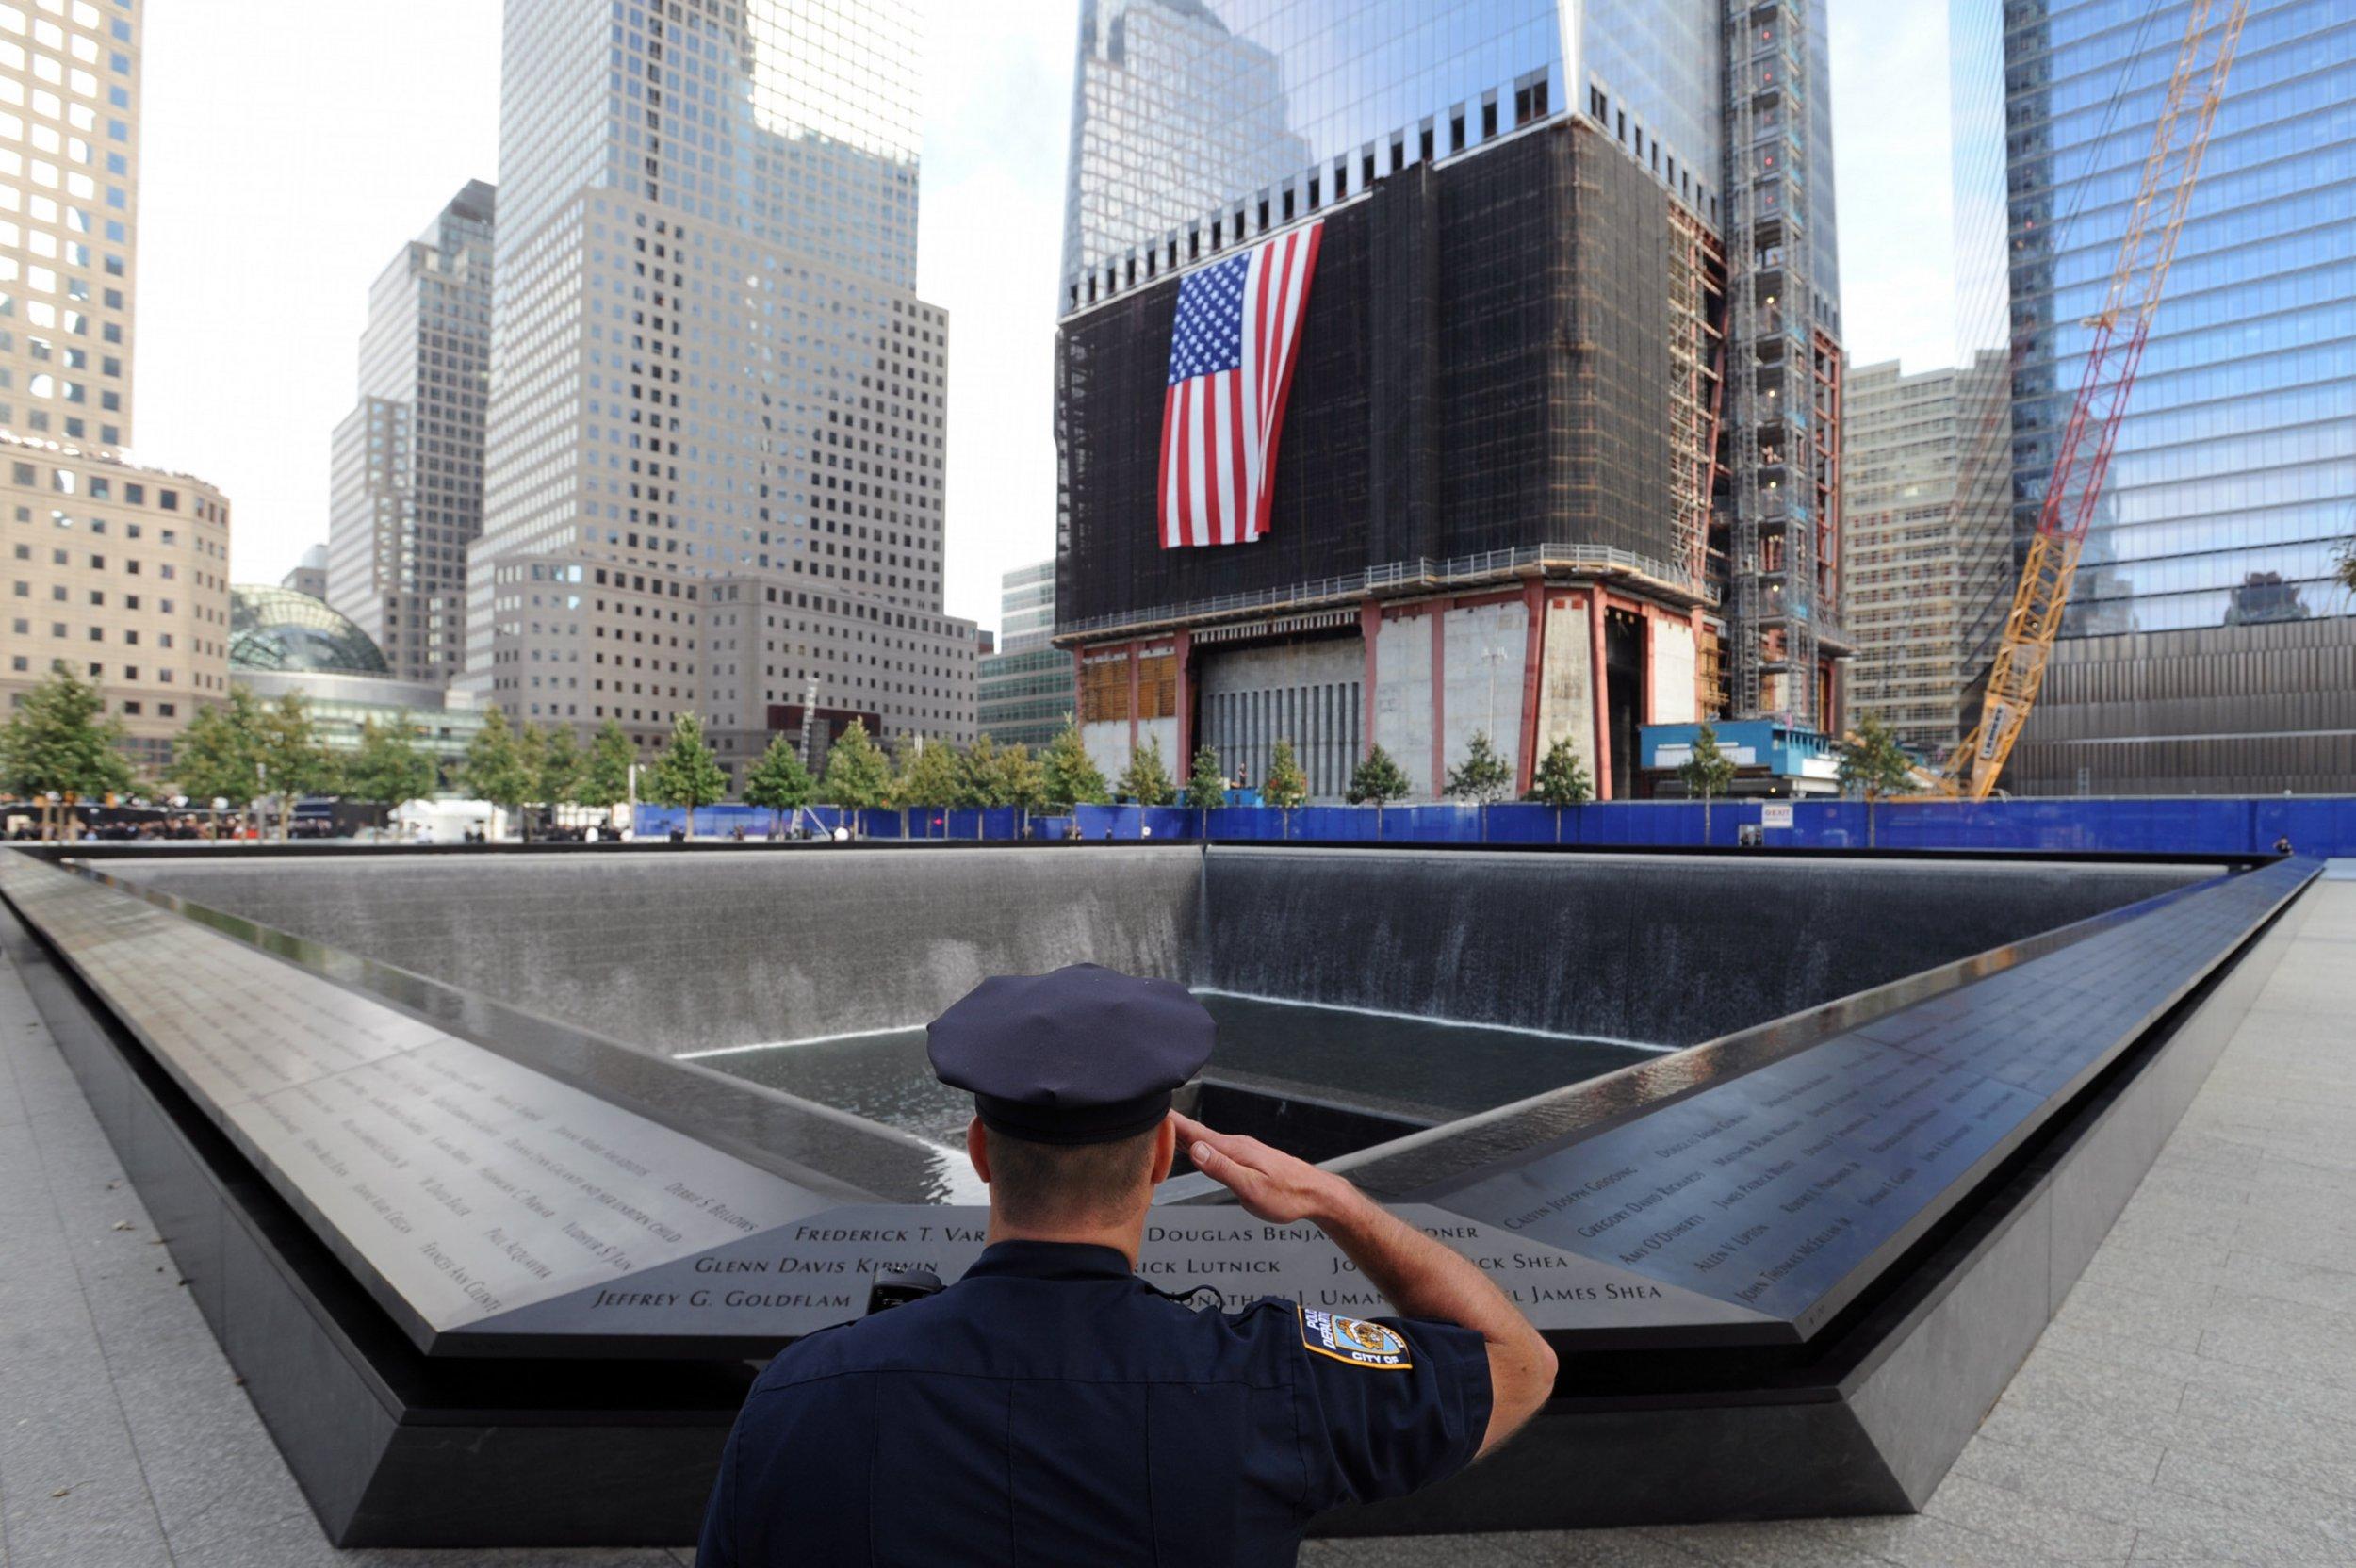 09_11_September_11_America_Safer